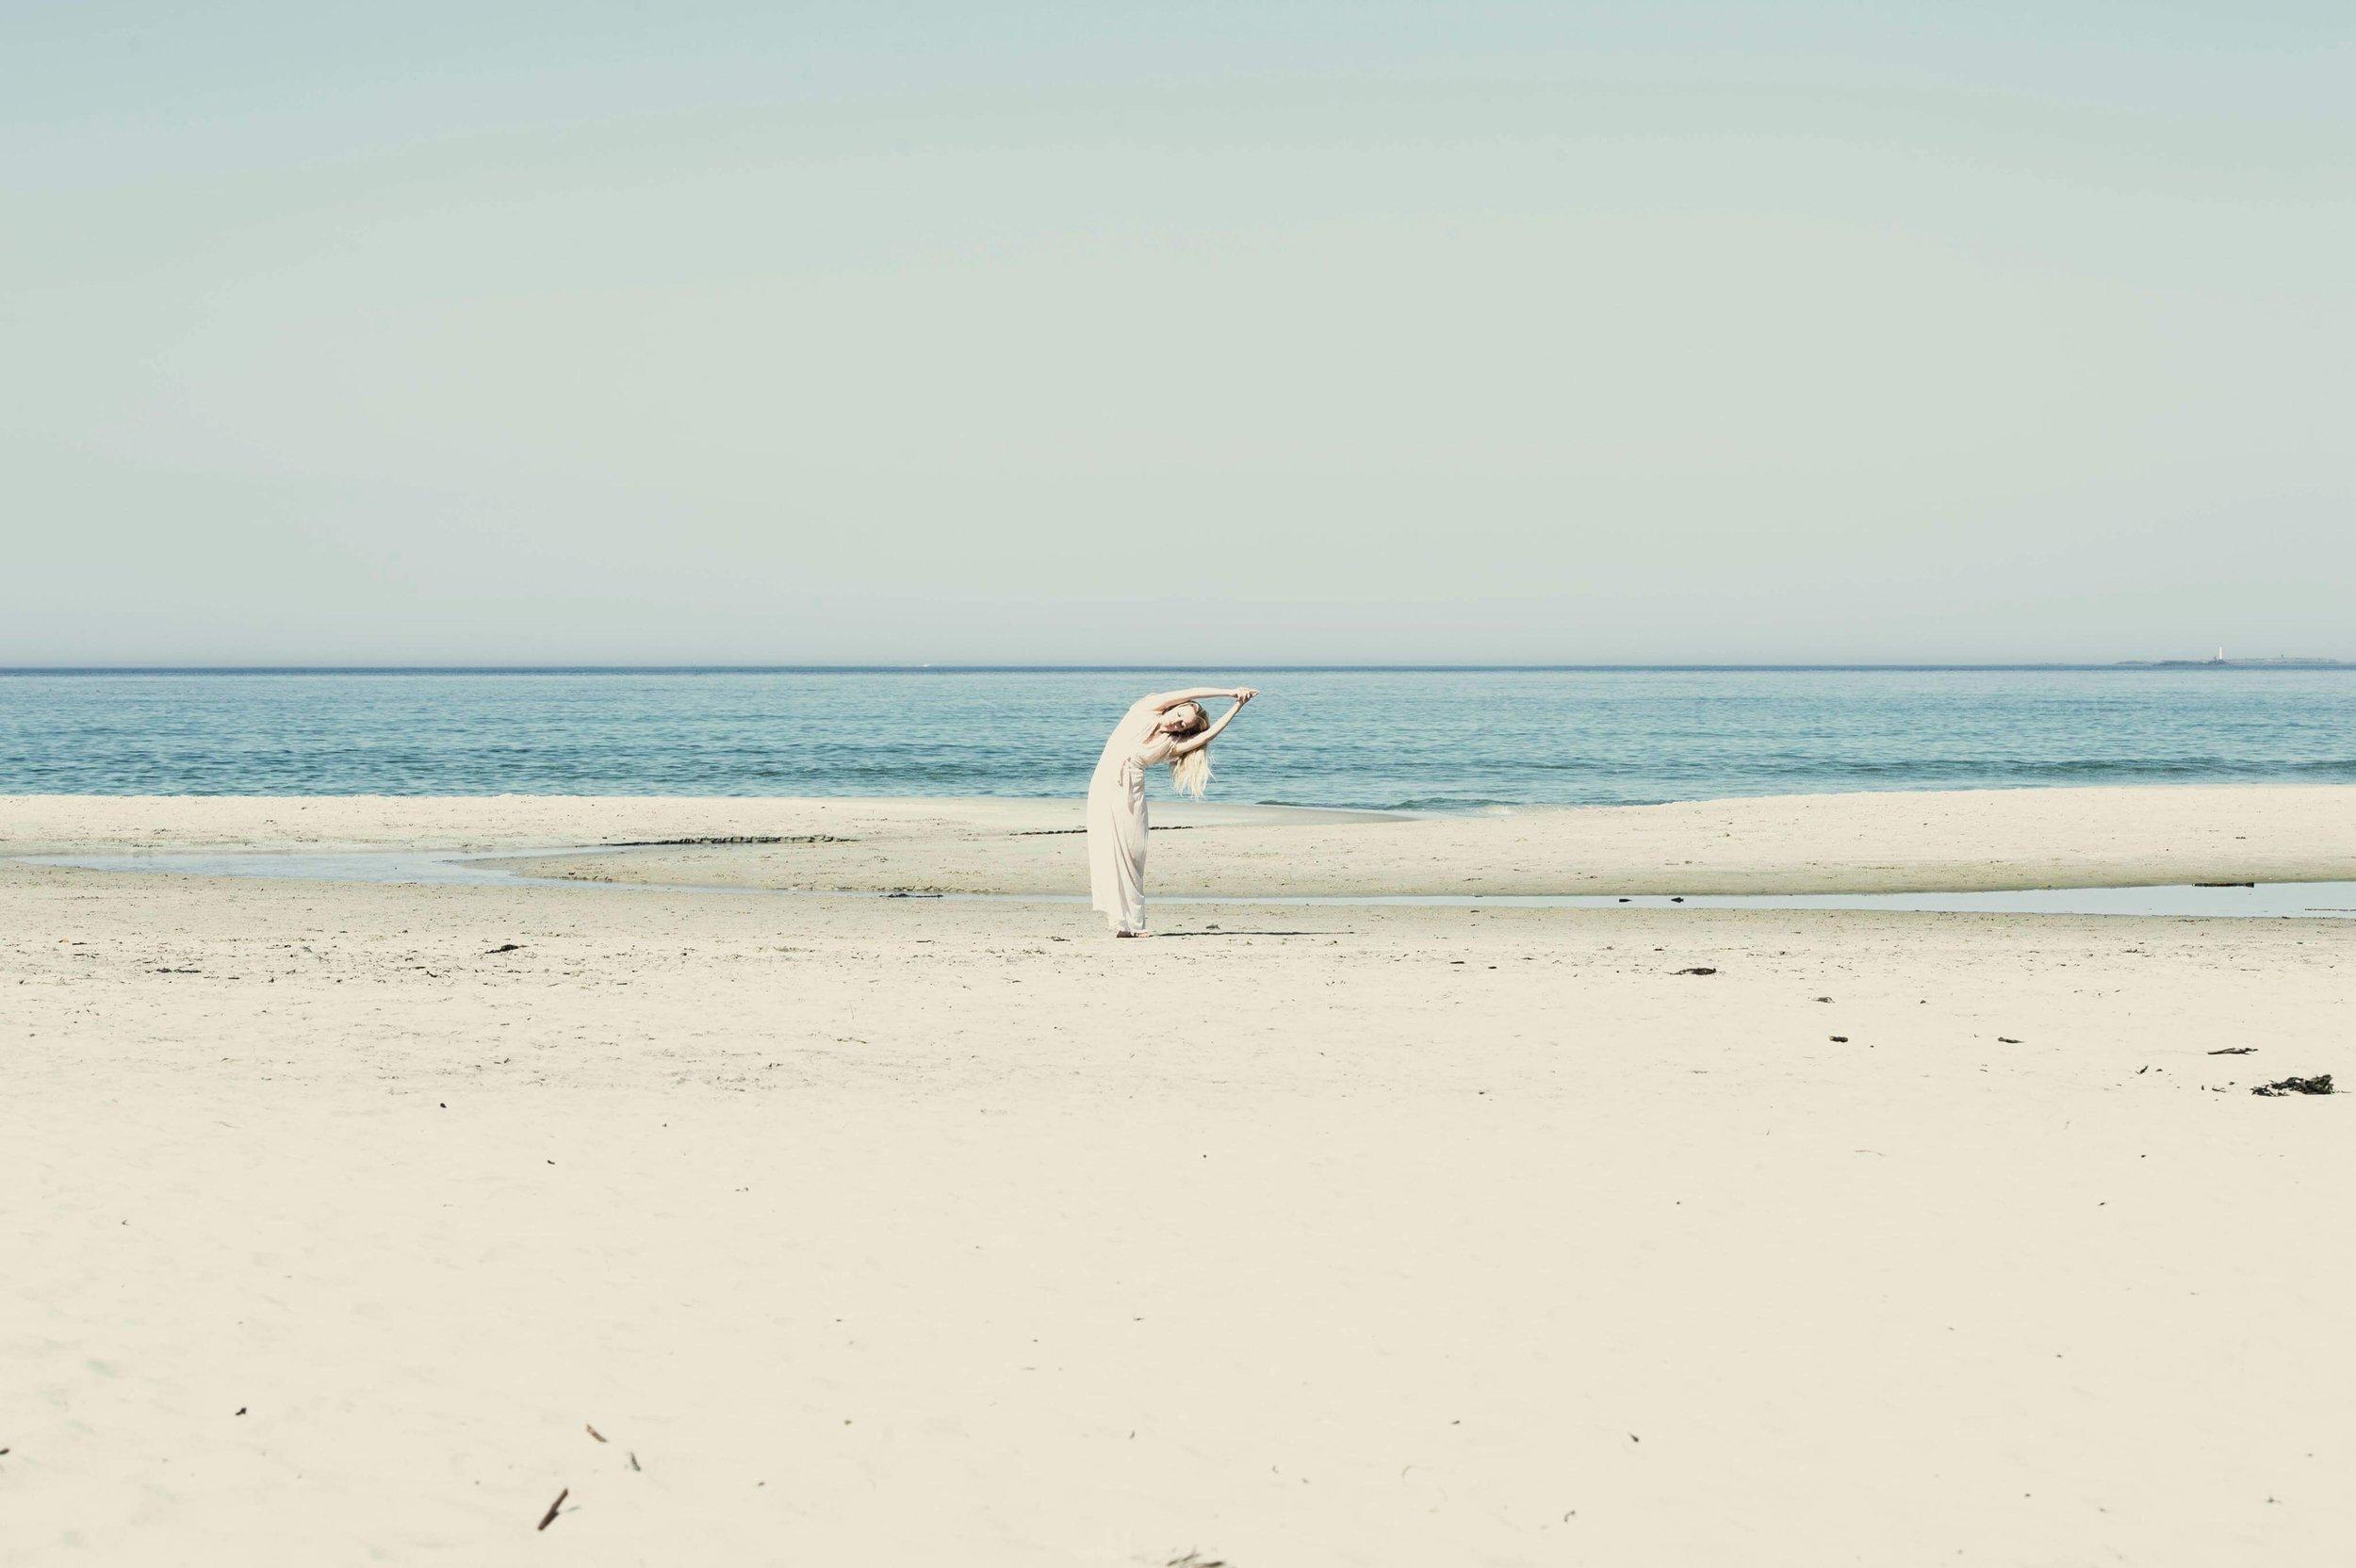 Foto: Anita hamremoen  Location: Hellestø stranden